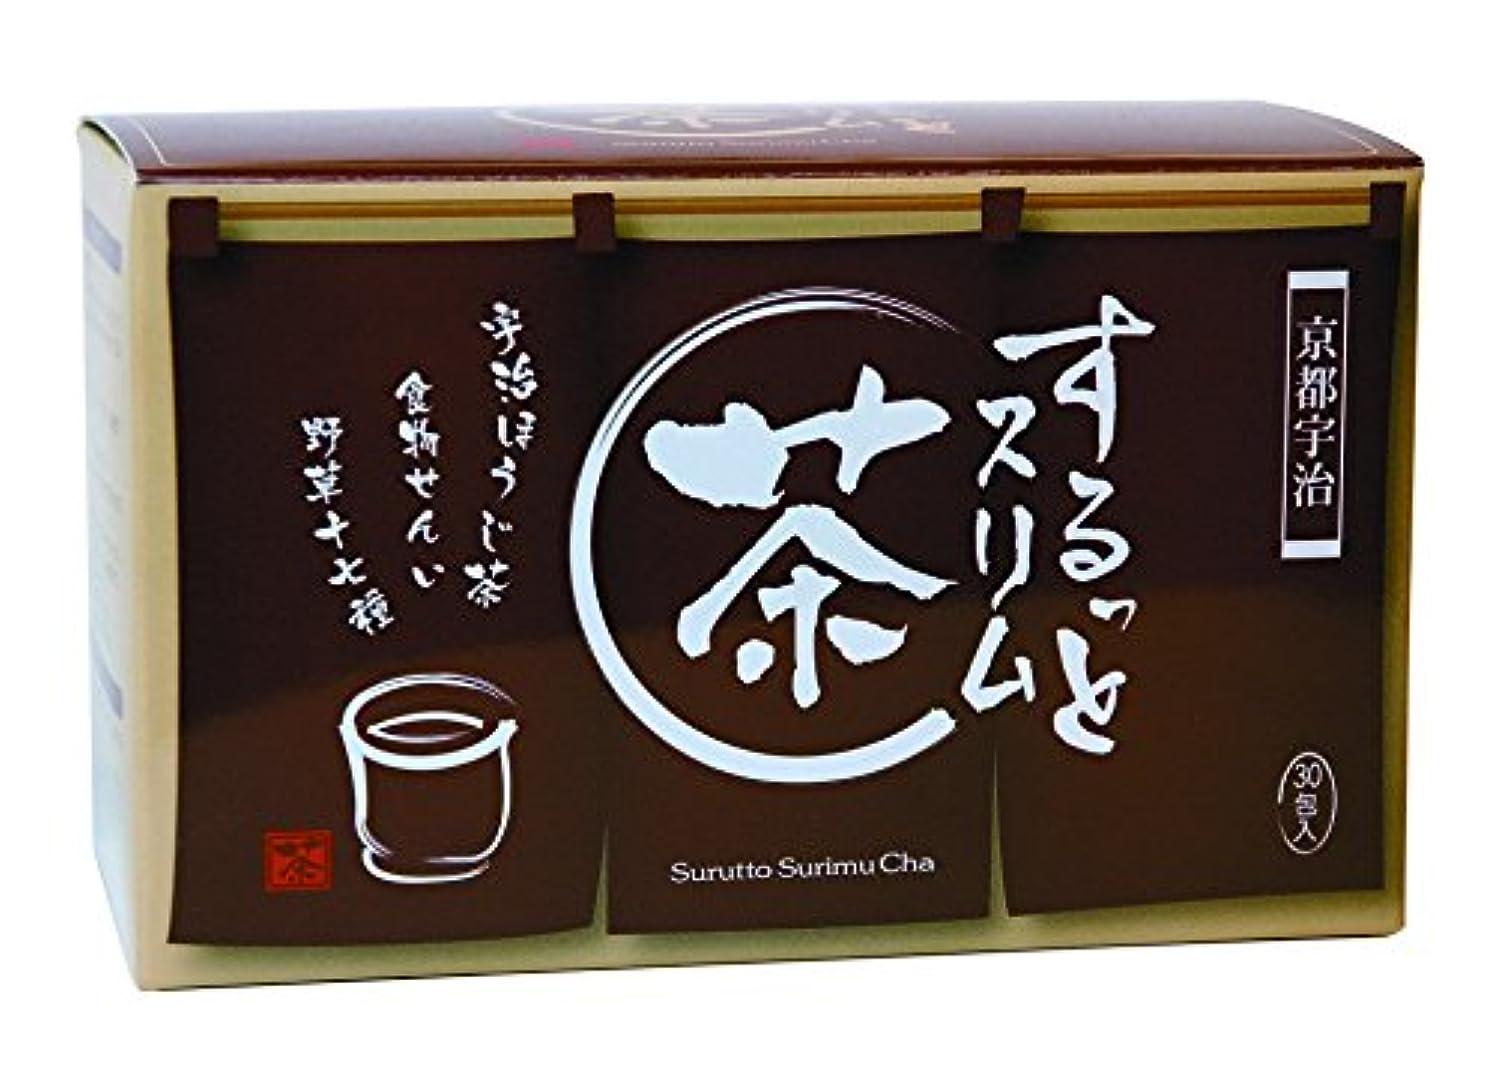 令状み反乱するっとスリム茶 3.5g×30包